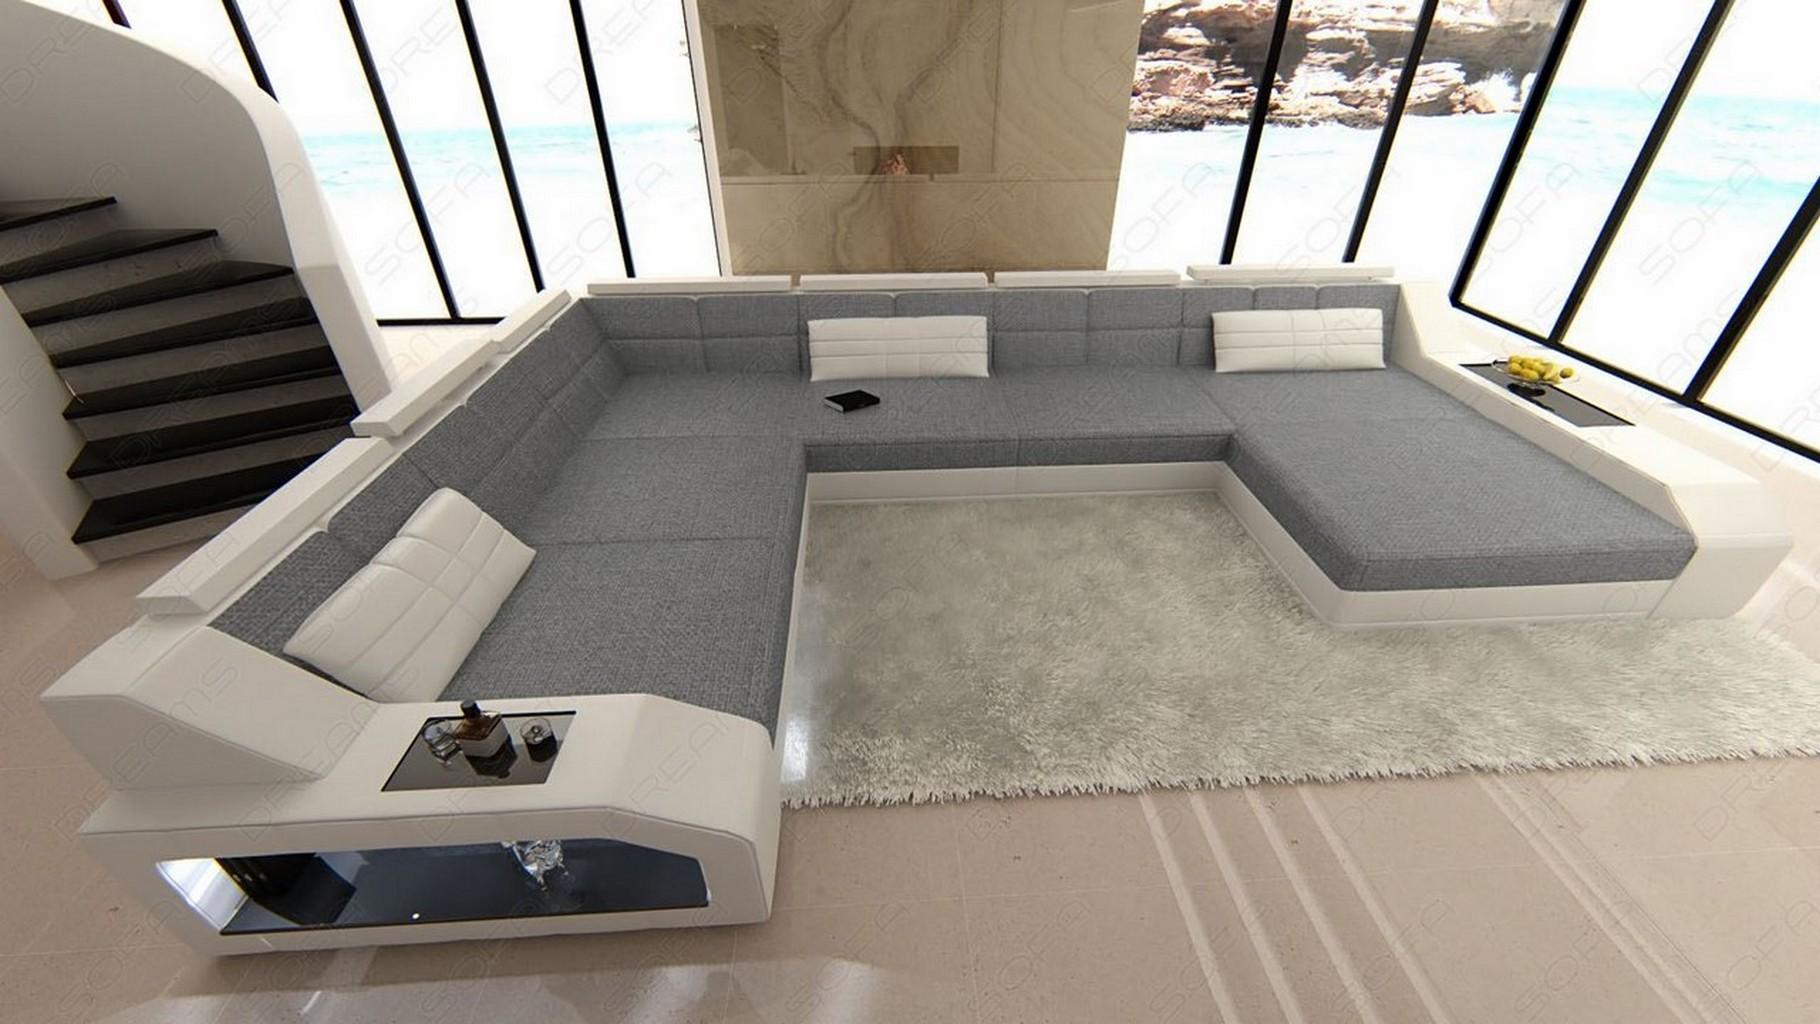 wohnlandschaft matera xxl design couch luxus sofa stoff strukturstoff weiss grau ebay. Black Bedroom Furniture Sets. Home Design Ideas